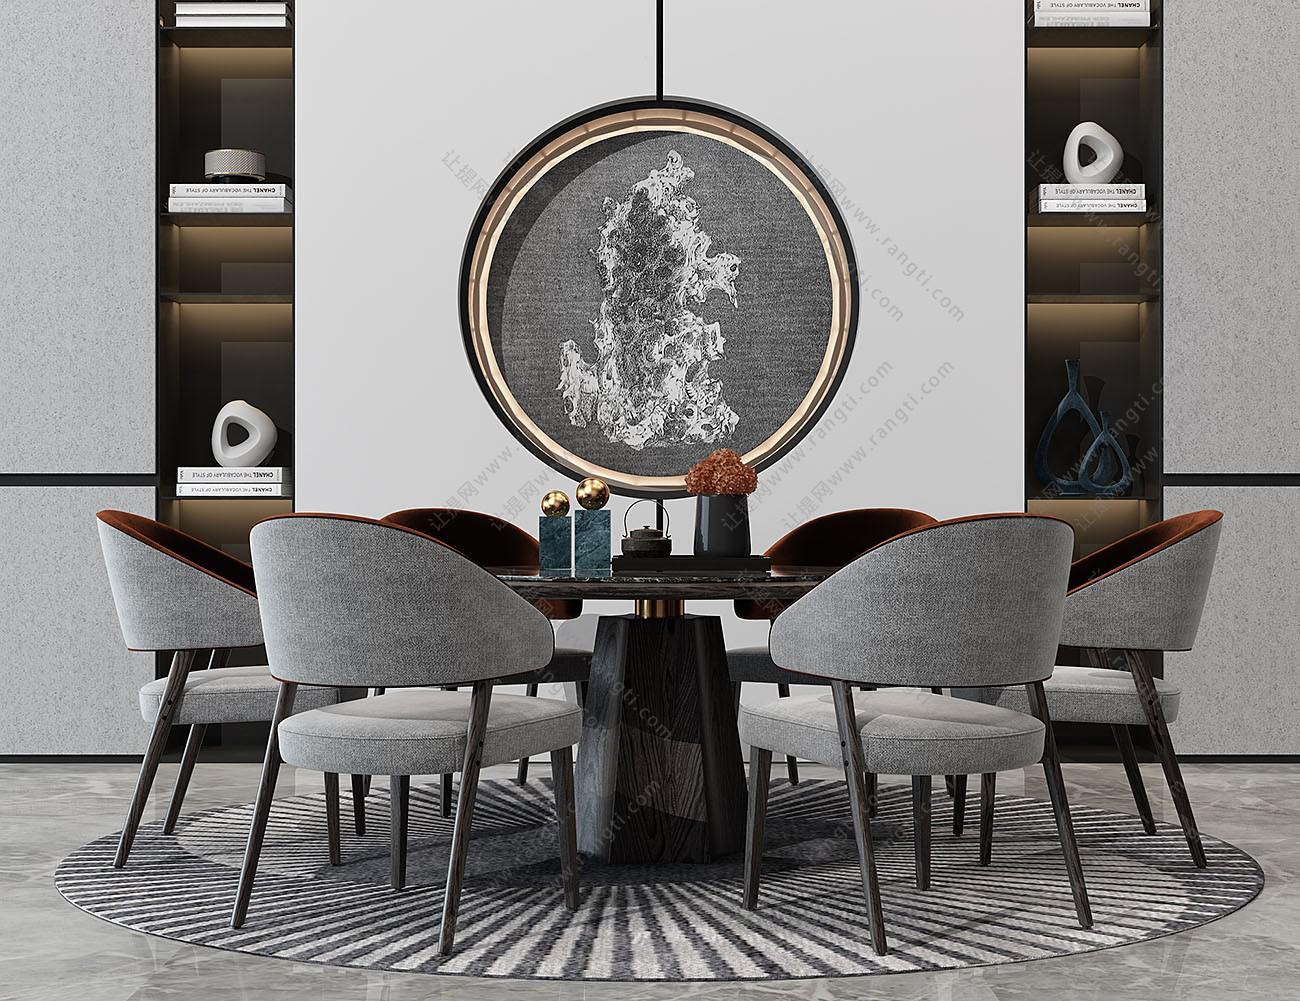 新中式实木布艺圆形餐桌椅组合3D模型